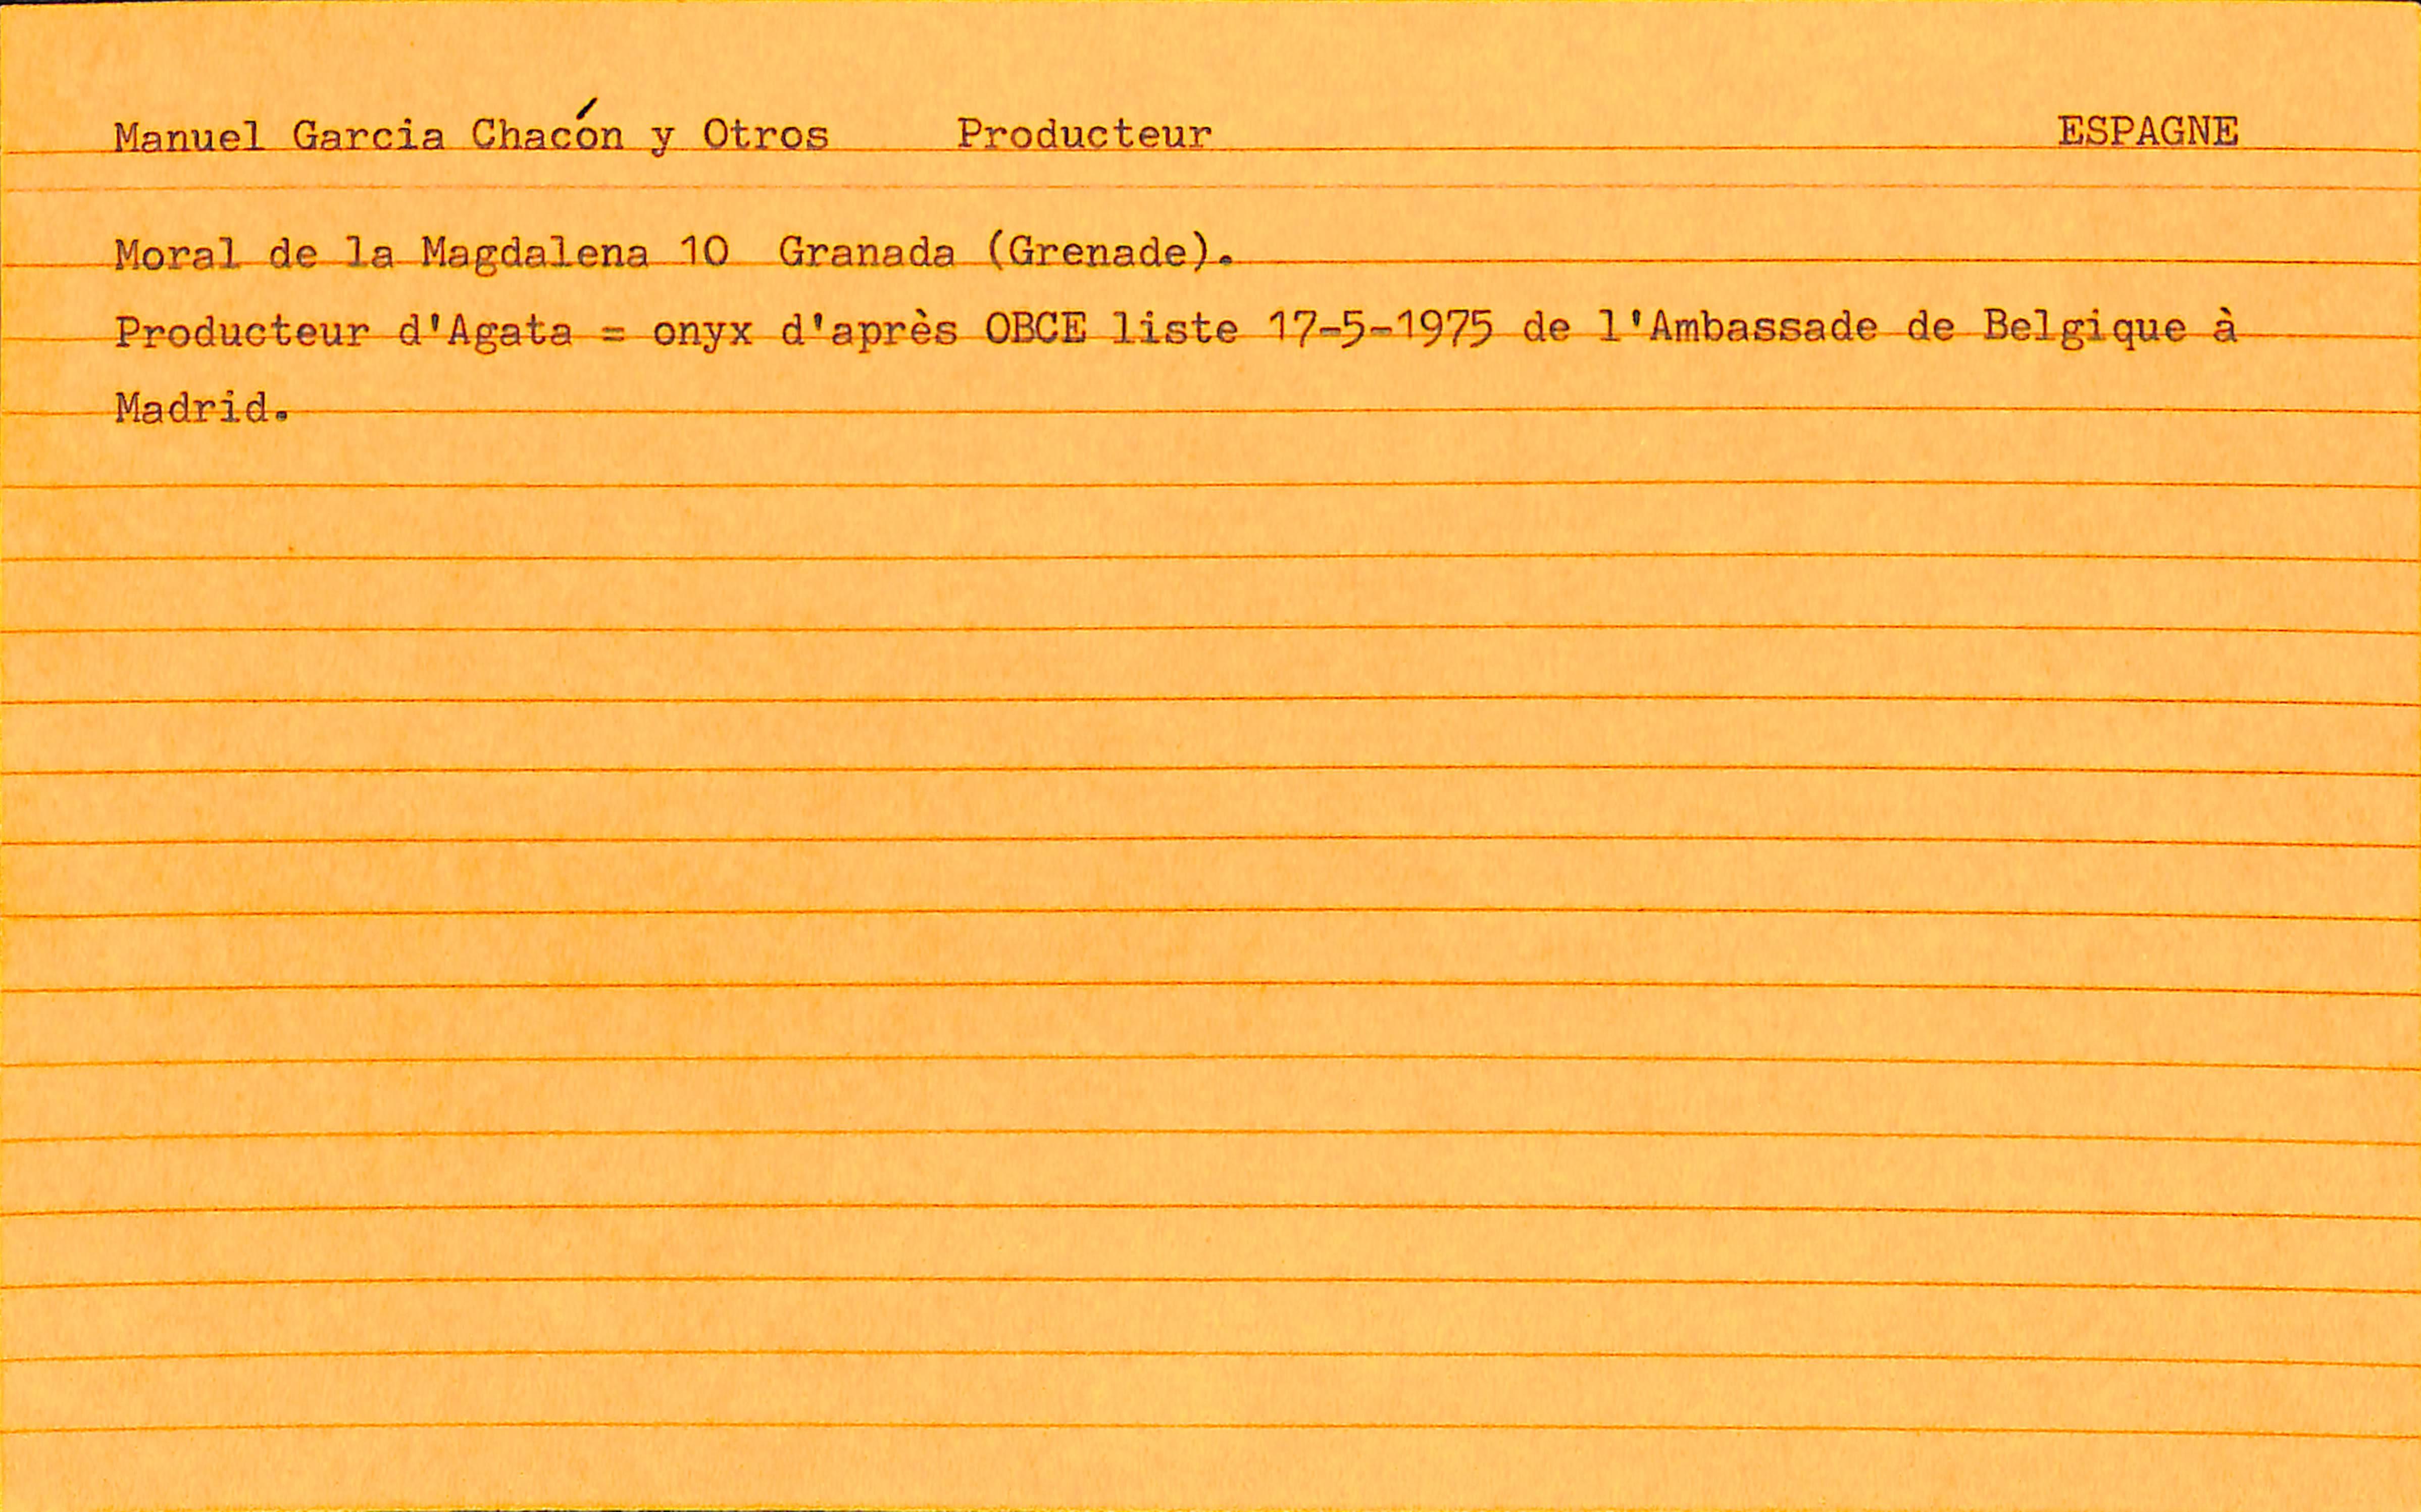 MANUEL GERCIA CHACON Y OTROS producteur.jpg